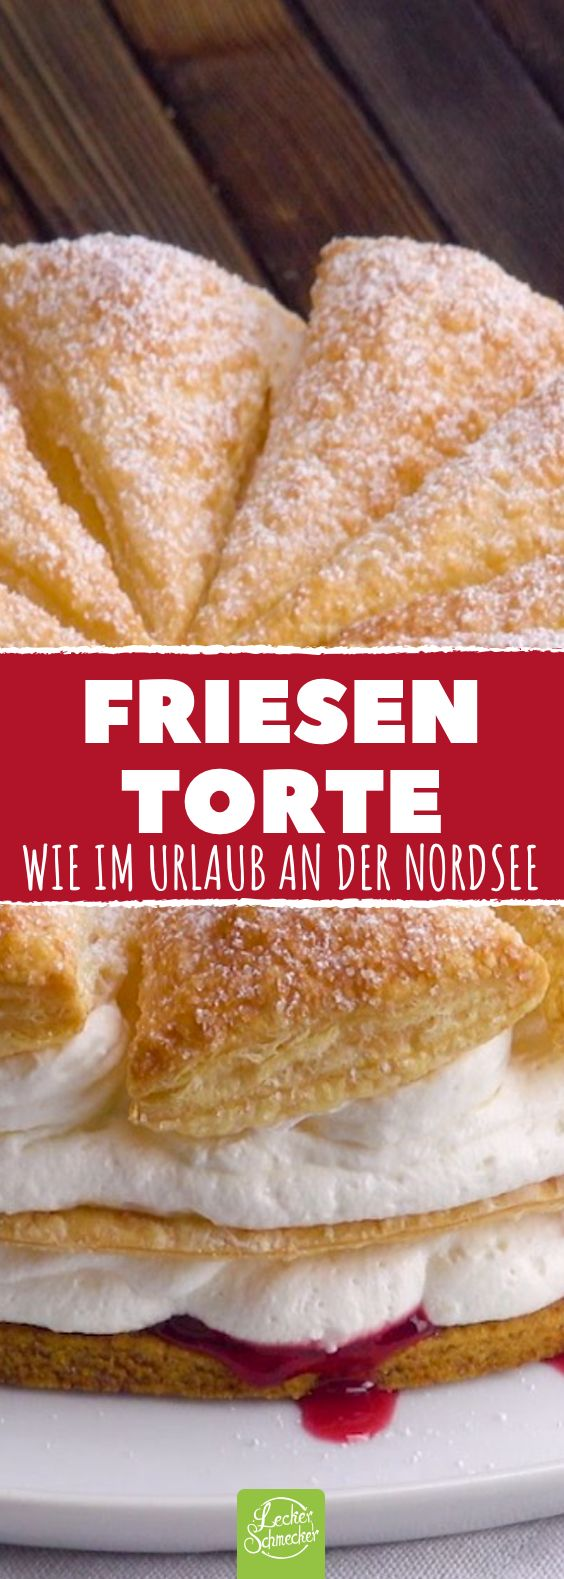 Friesentorte – Norddeutscher Tortenhit will ganz Deutschland erobern!